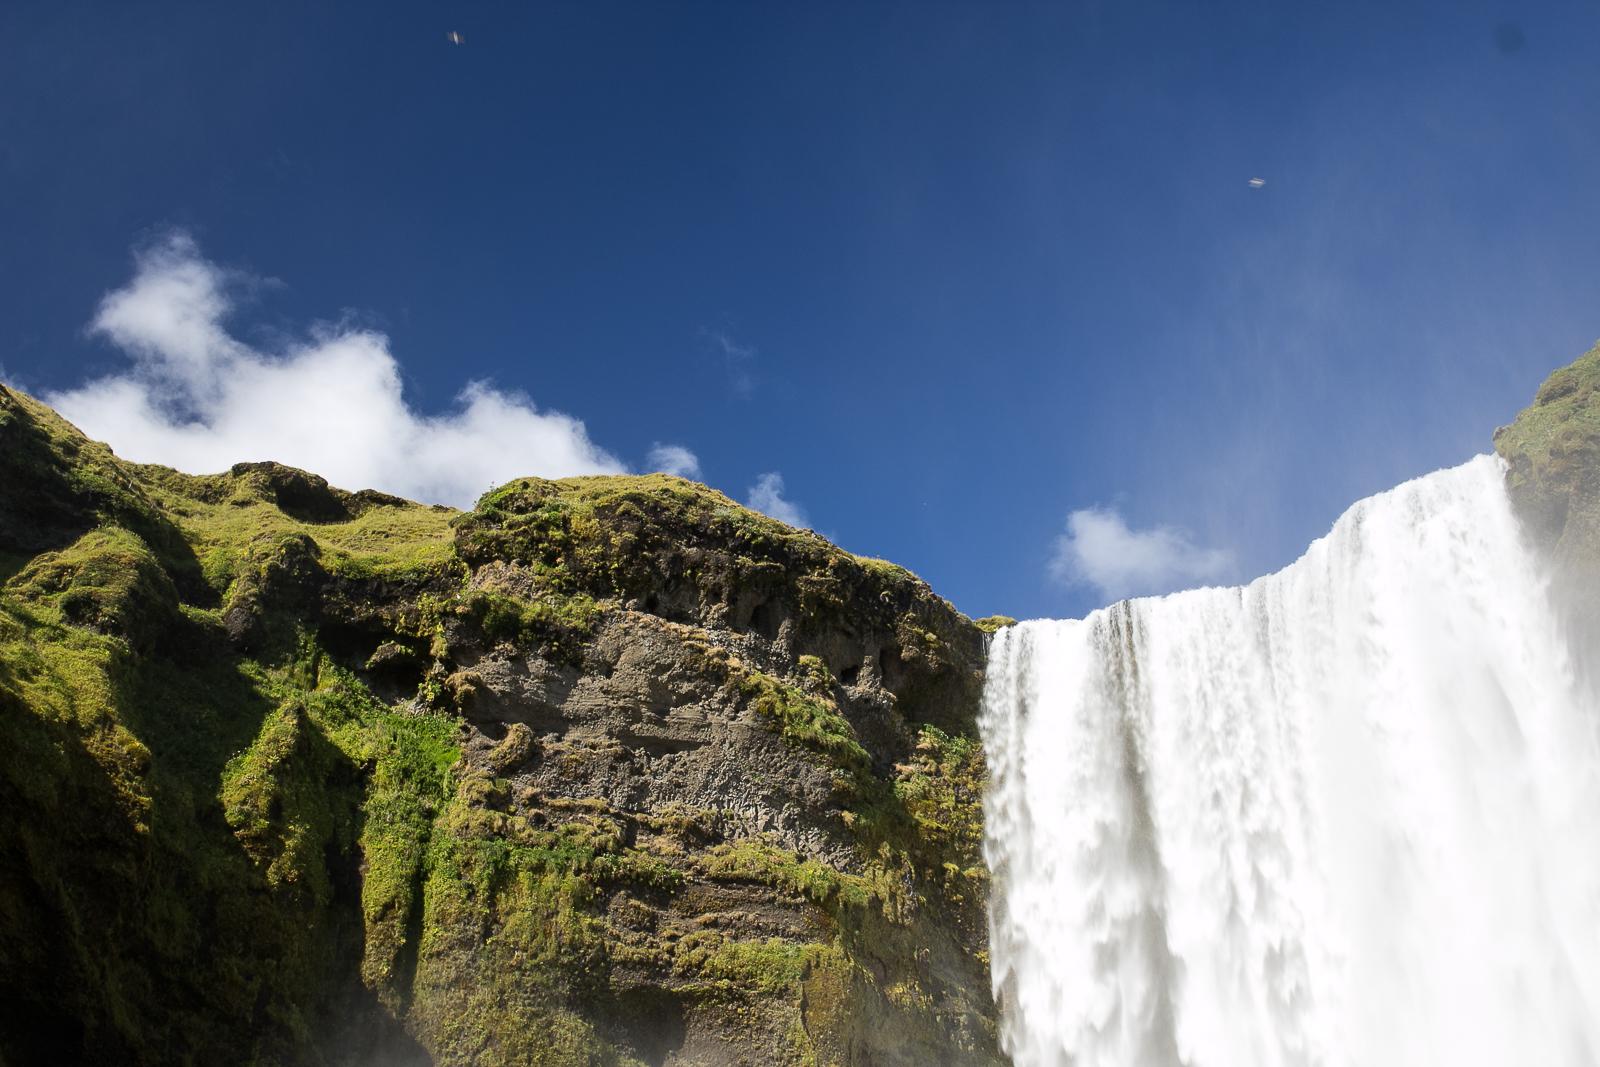 나홀로 3,400km의 아이슬란드 #2